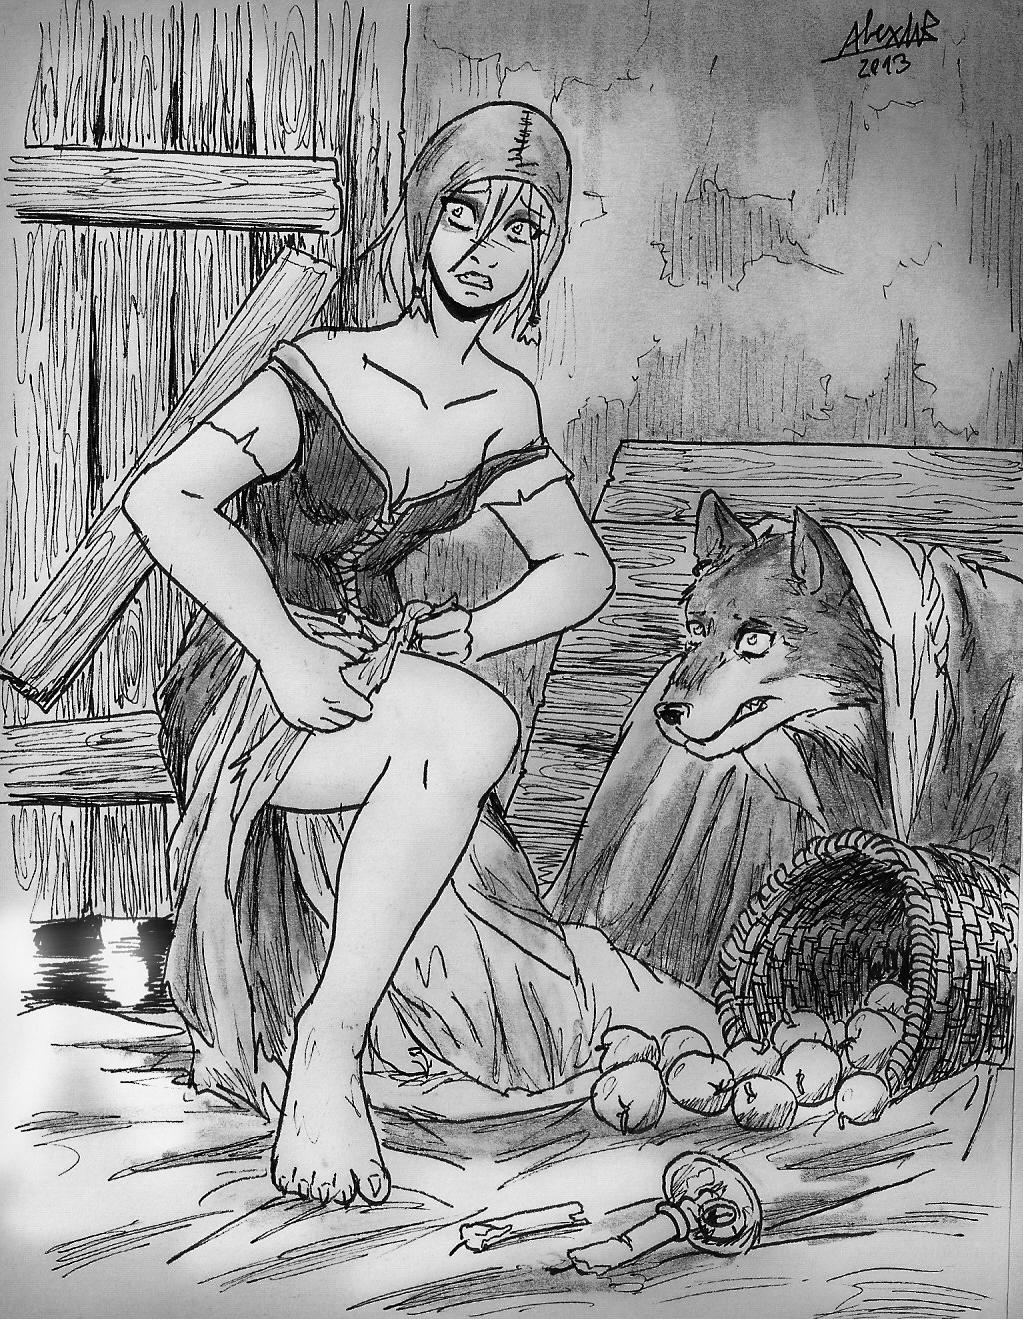 http://orig01.deviantart.net/1850/f/2013/317/8/5/hunting_werewolves_by_shabazik-d6u5hwc.png